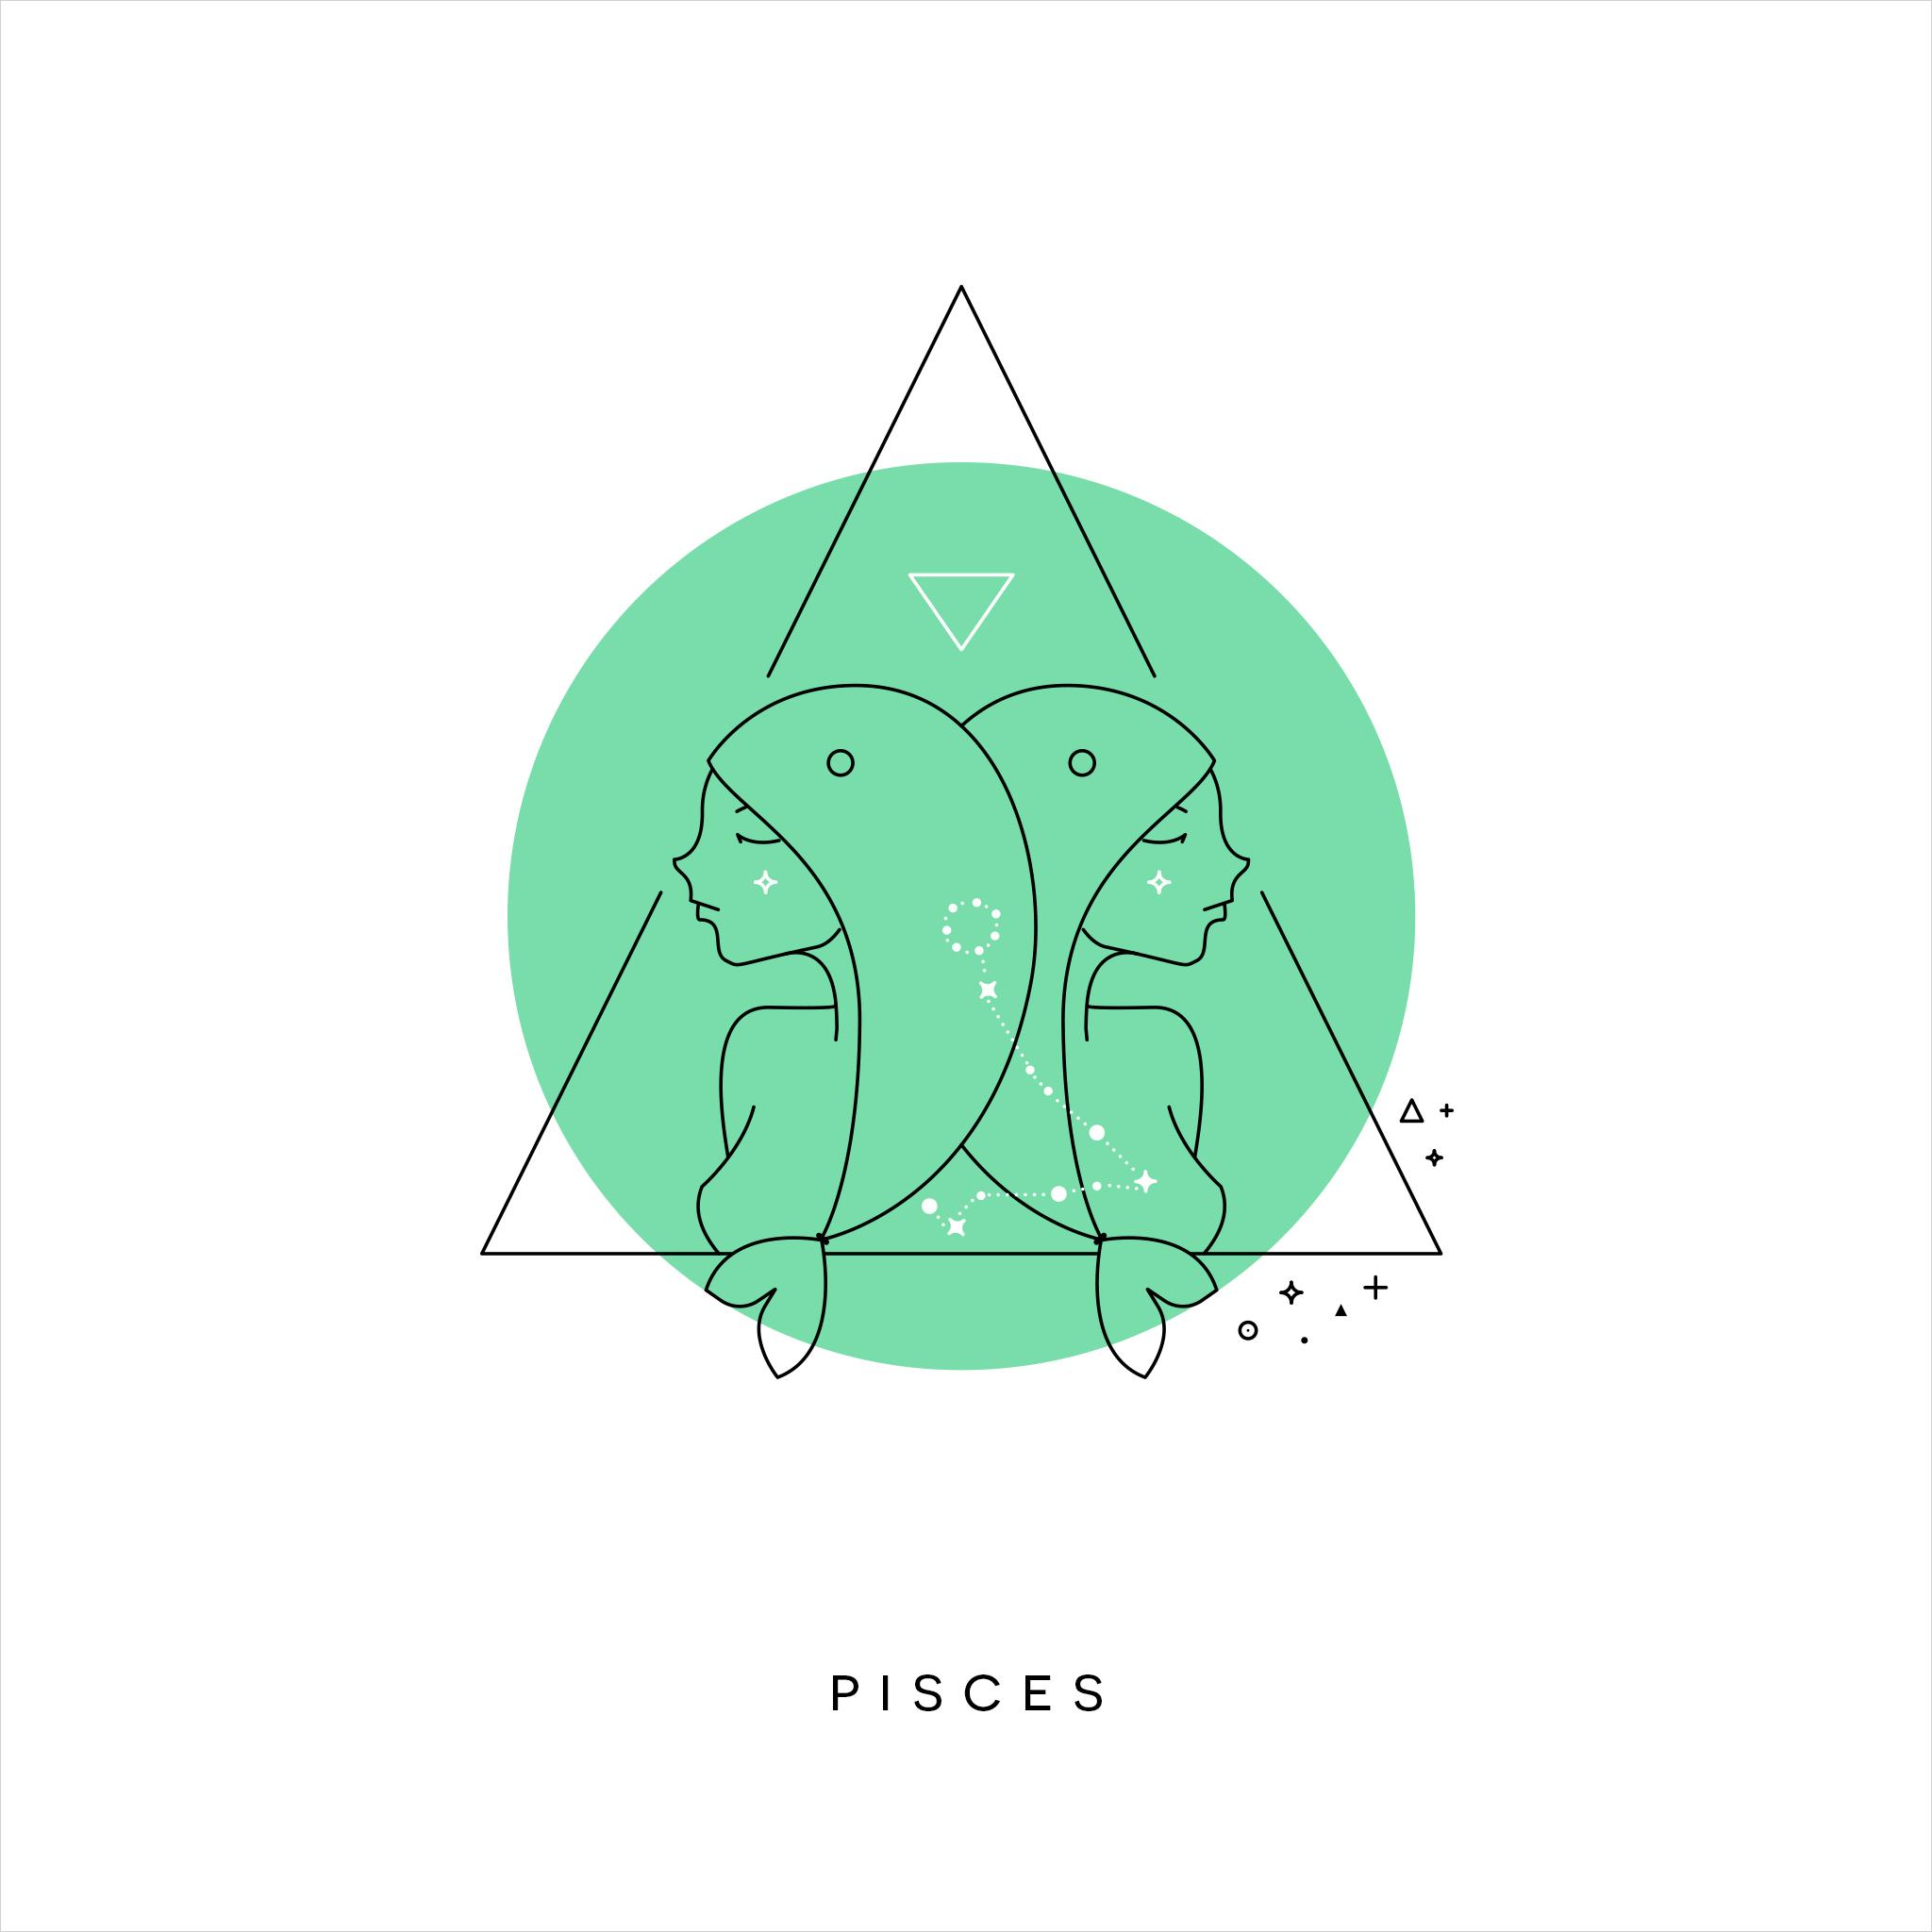 12_pisces